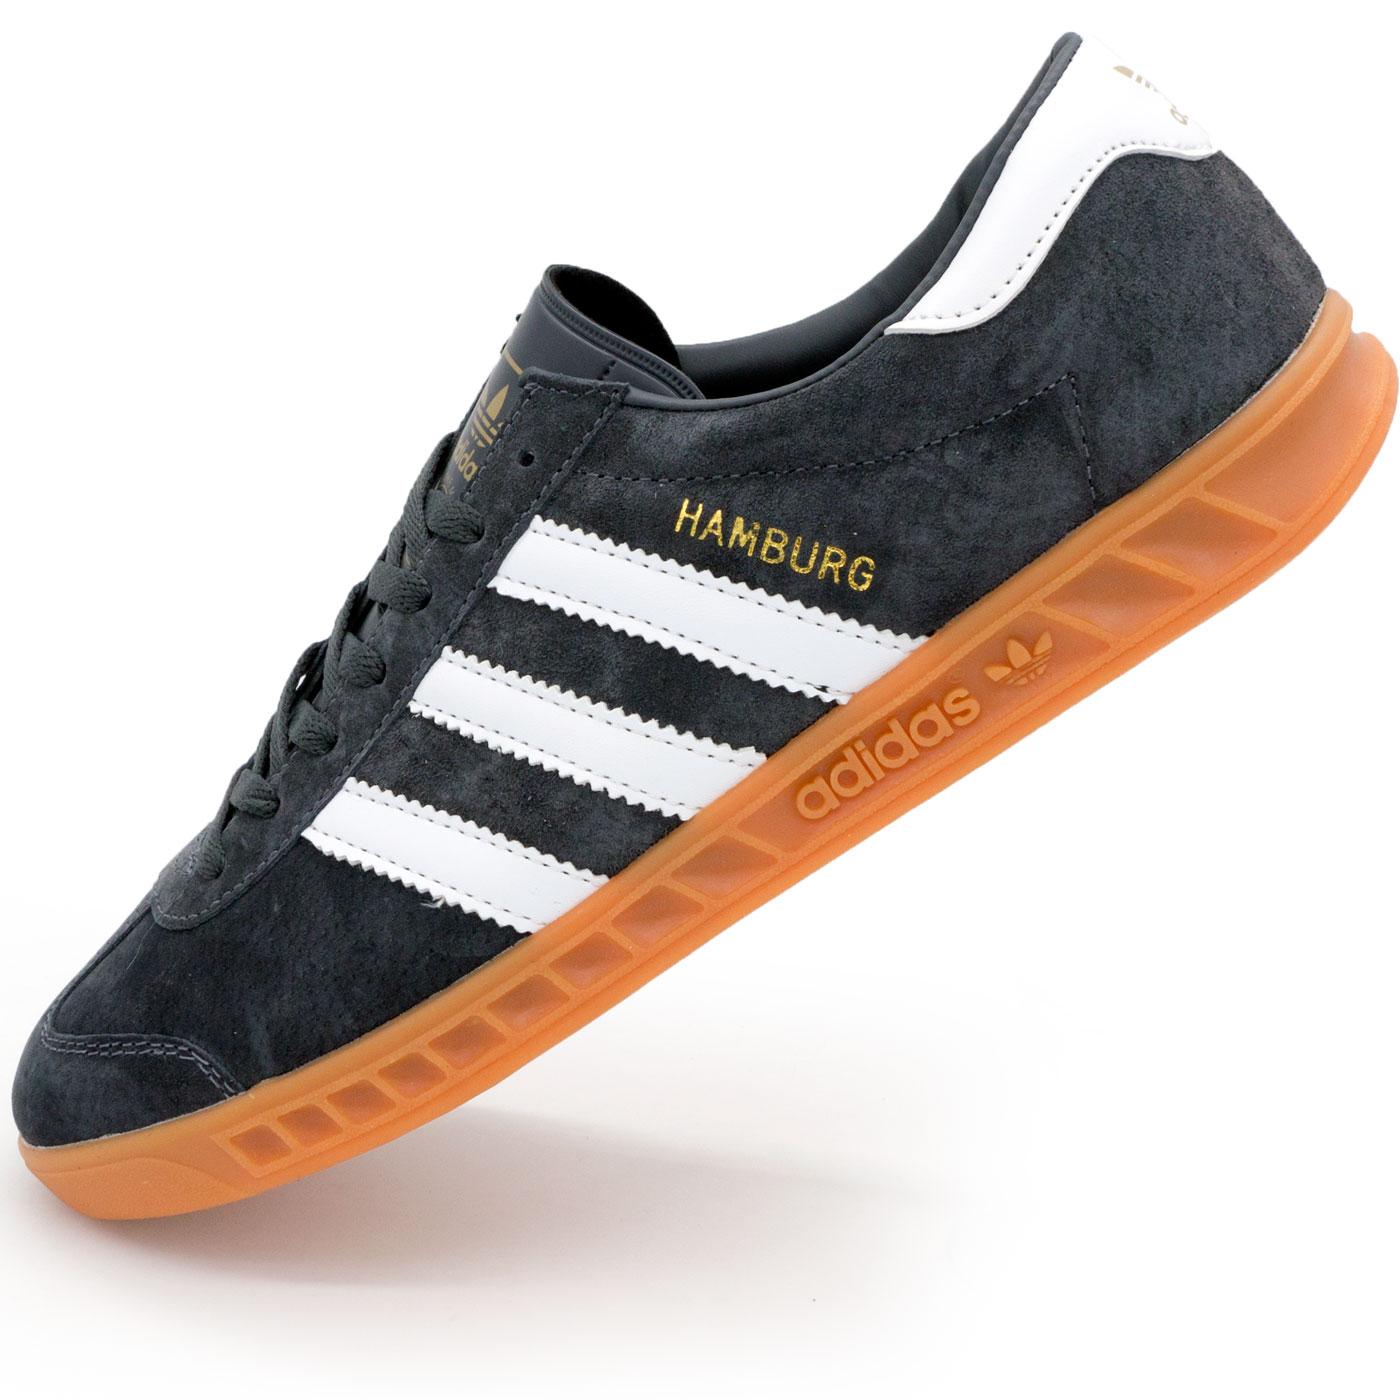 3ec74e95 Темно серые мужские кроссовки Adidas Hamburg, купить Адидас Газель в ...